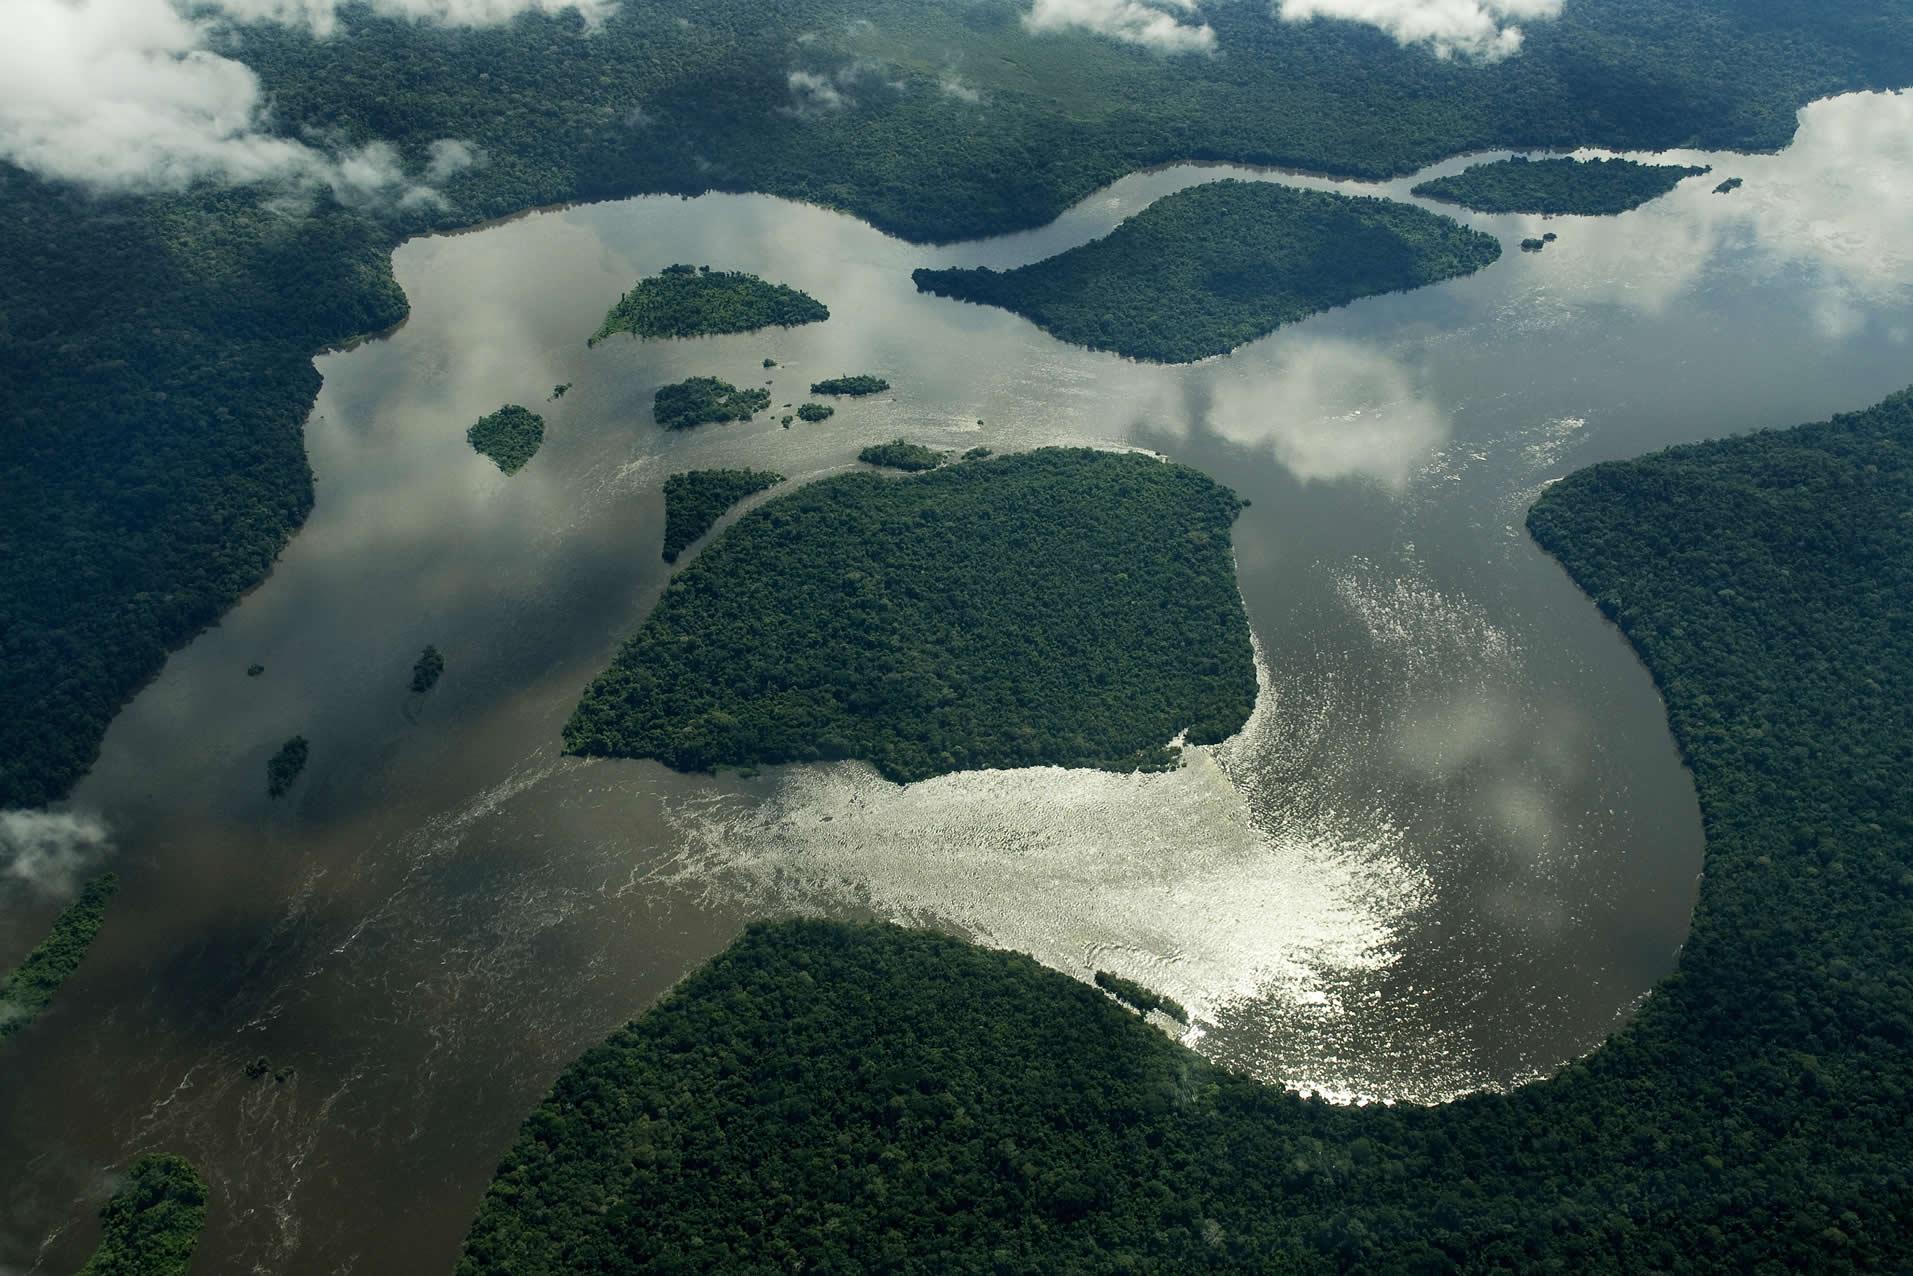 Sustentabilidade da agricultura na Amazônia – 8: Fornecimento de água como alternativa para áreas florestais